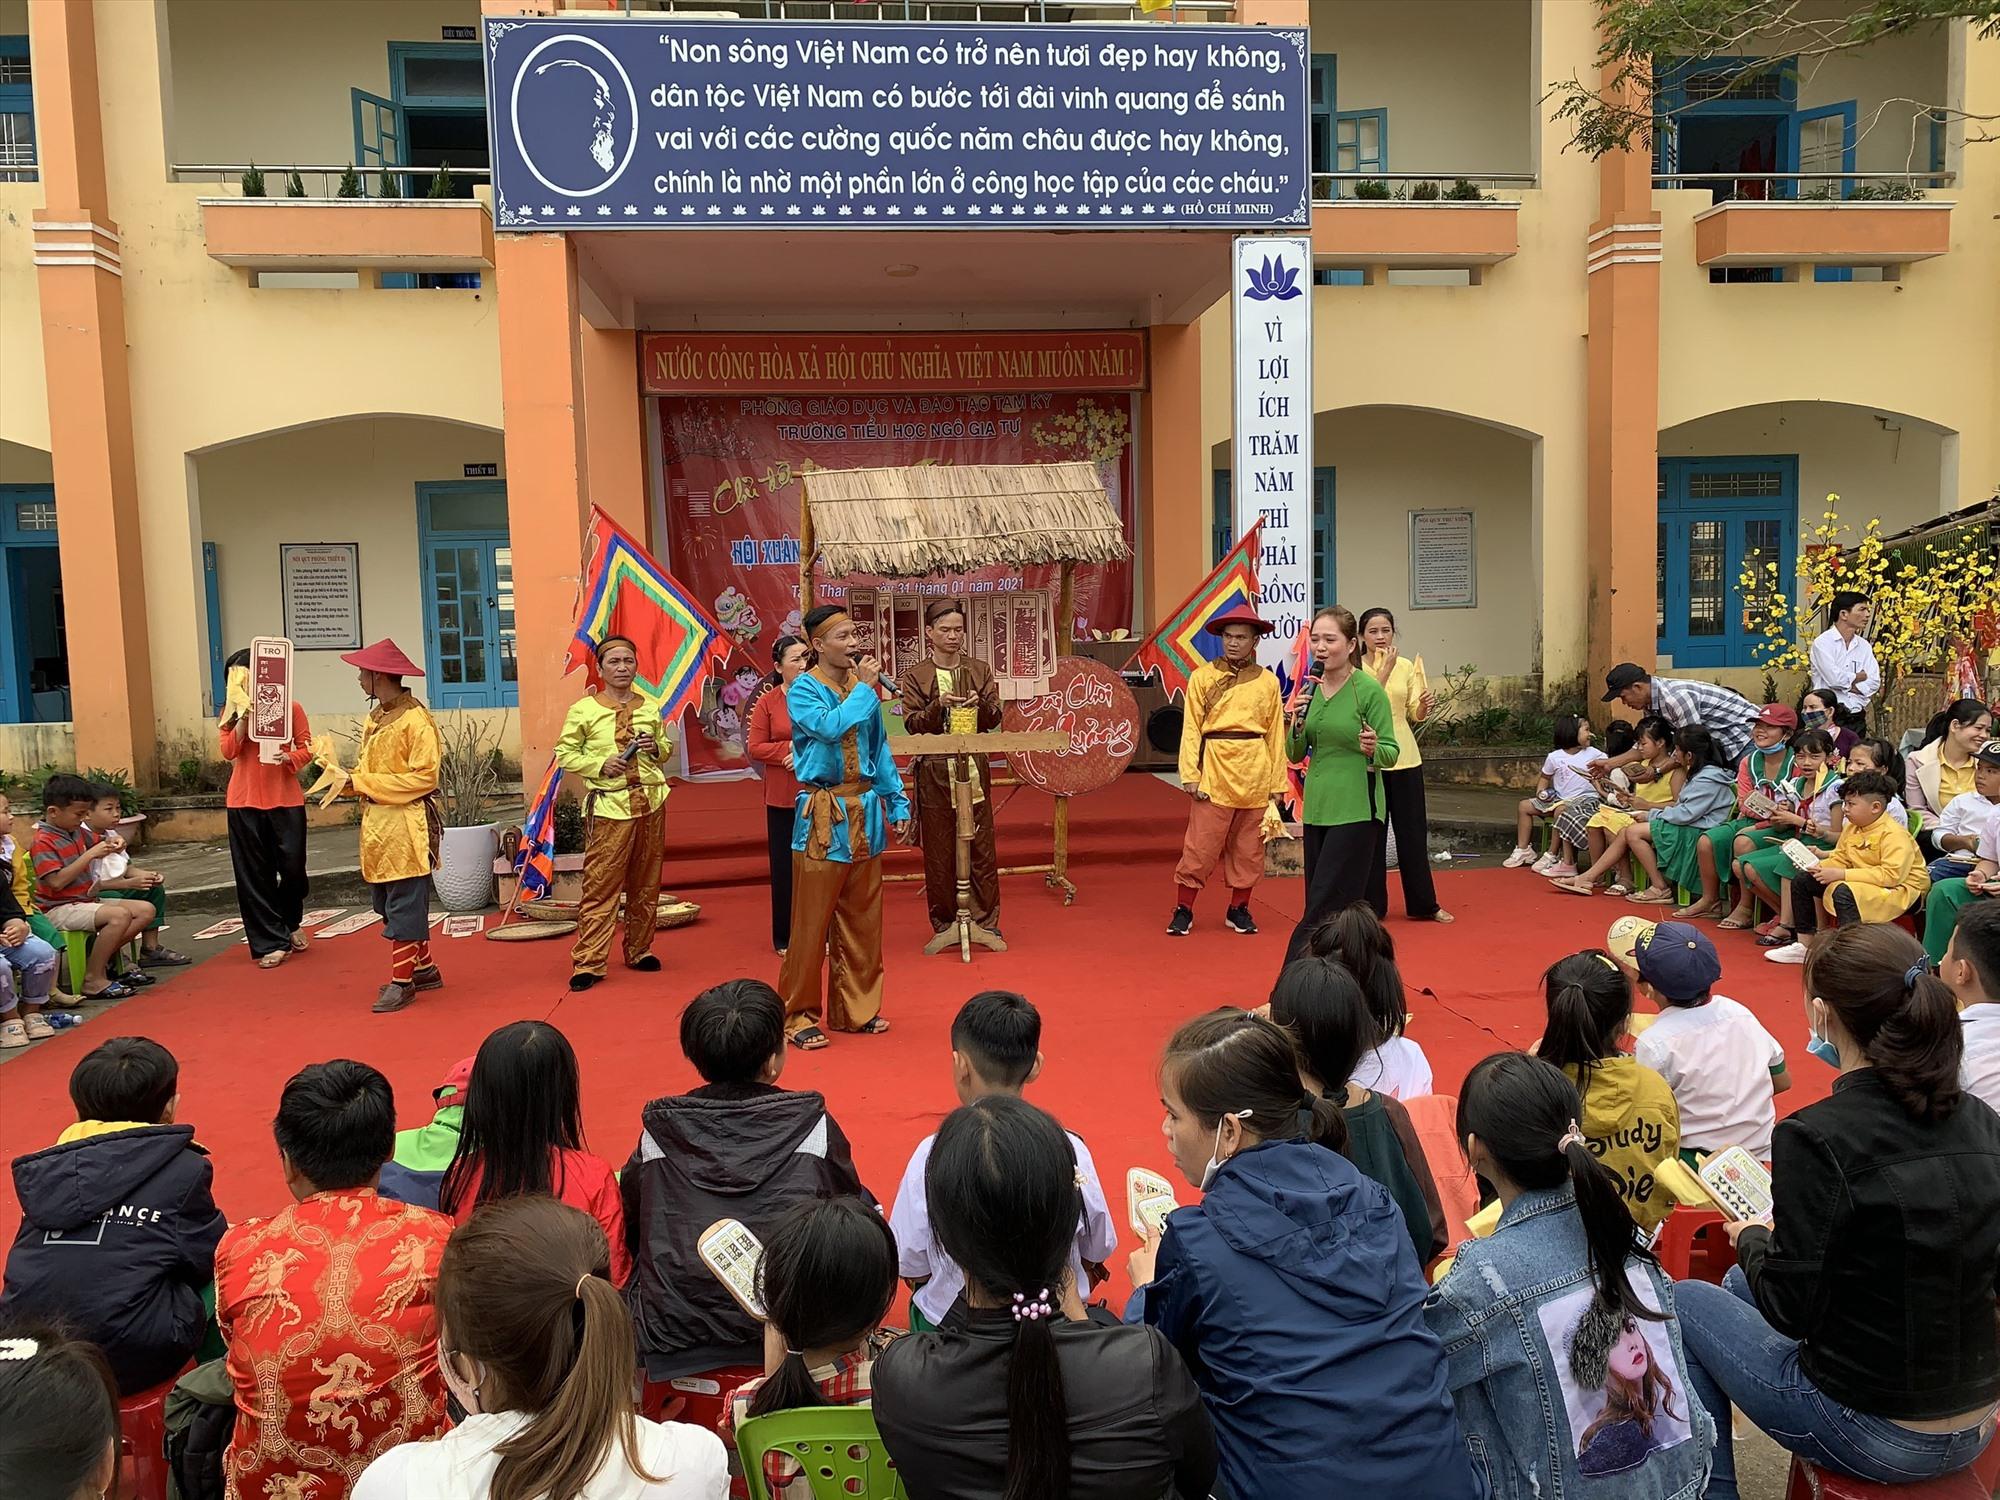 Đoàn Ca kịch Quảng Nam tổ chức trình diễn hô hát bài chòi, các làn điệu dân ca quê hương phục vụ Ngày hội. Ảnh: THU VUI